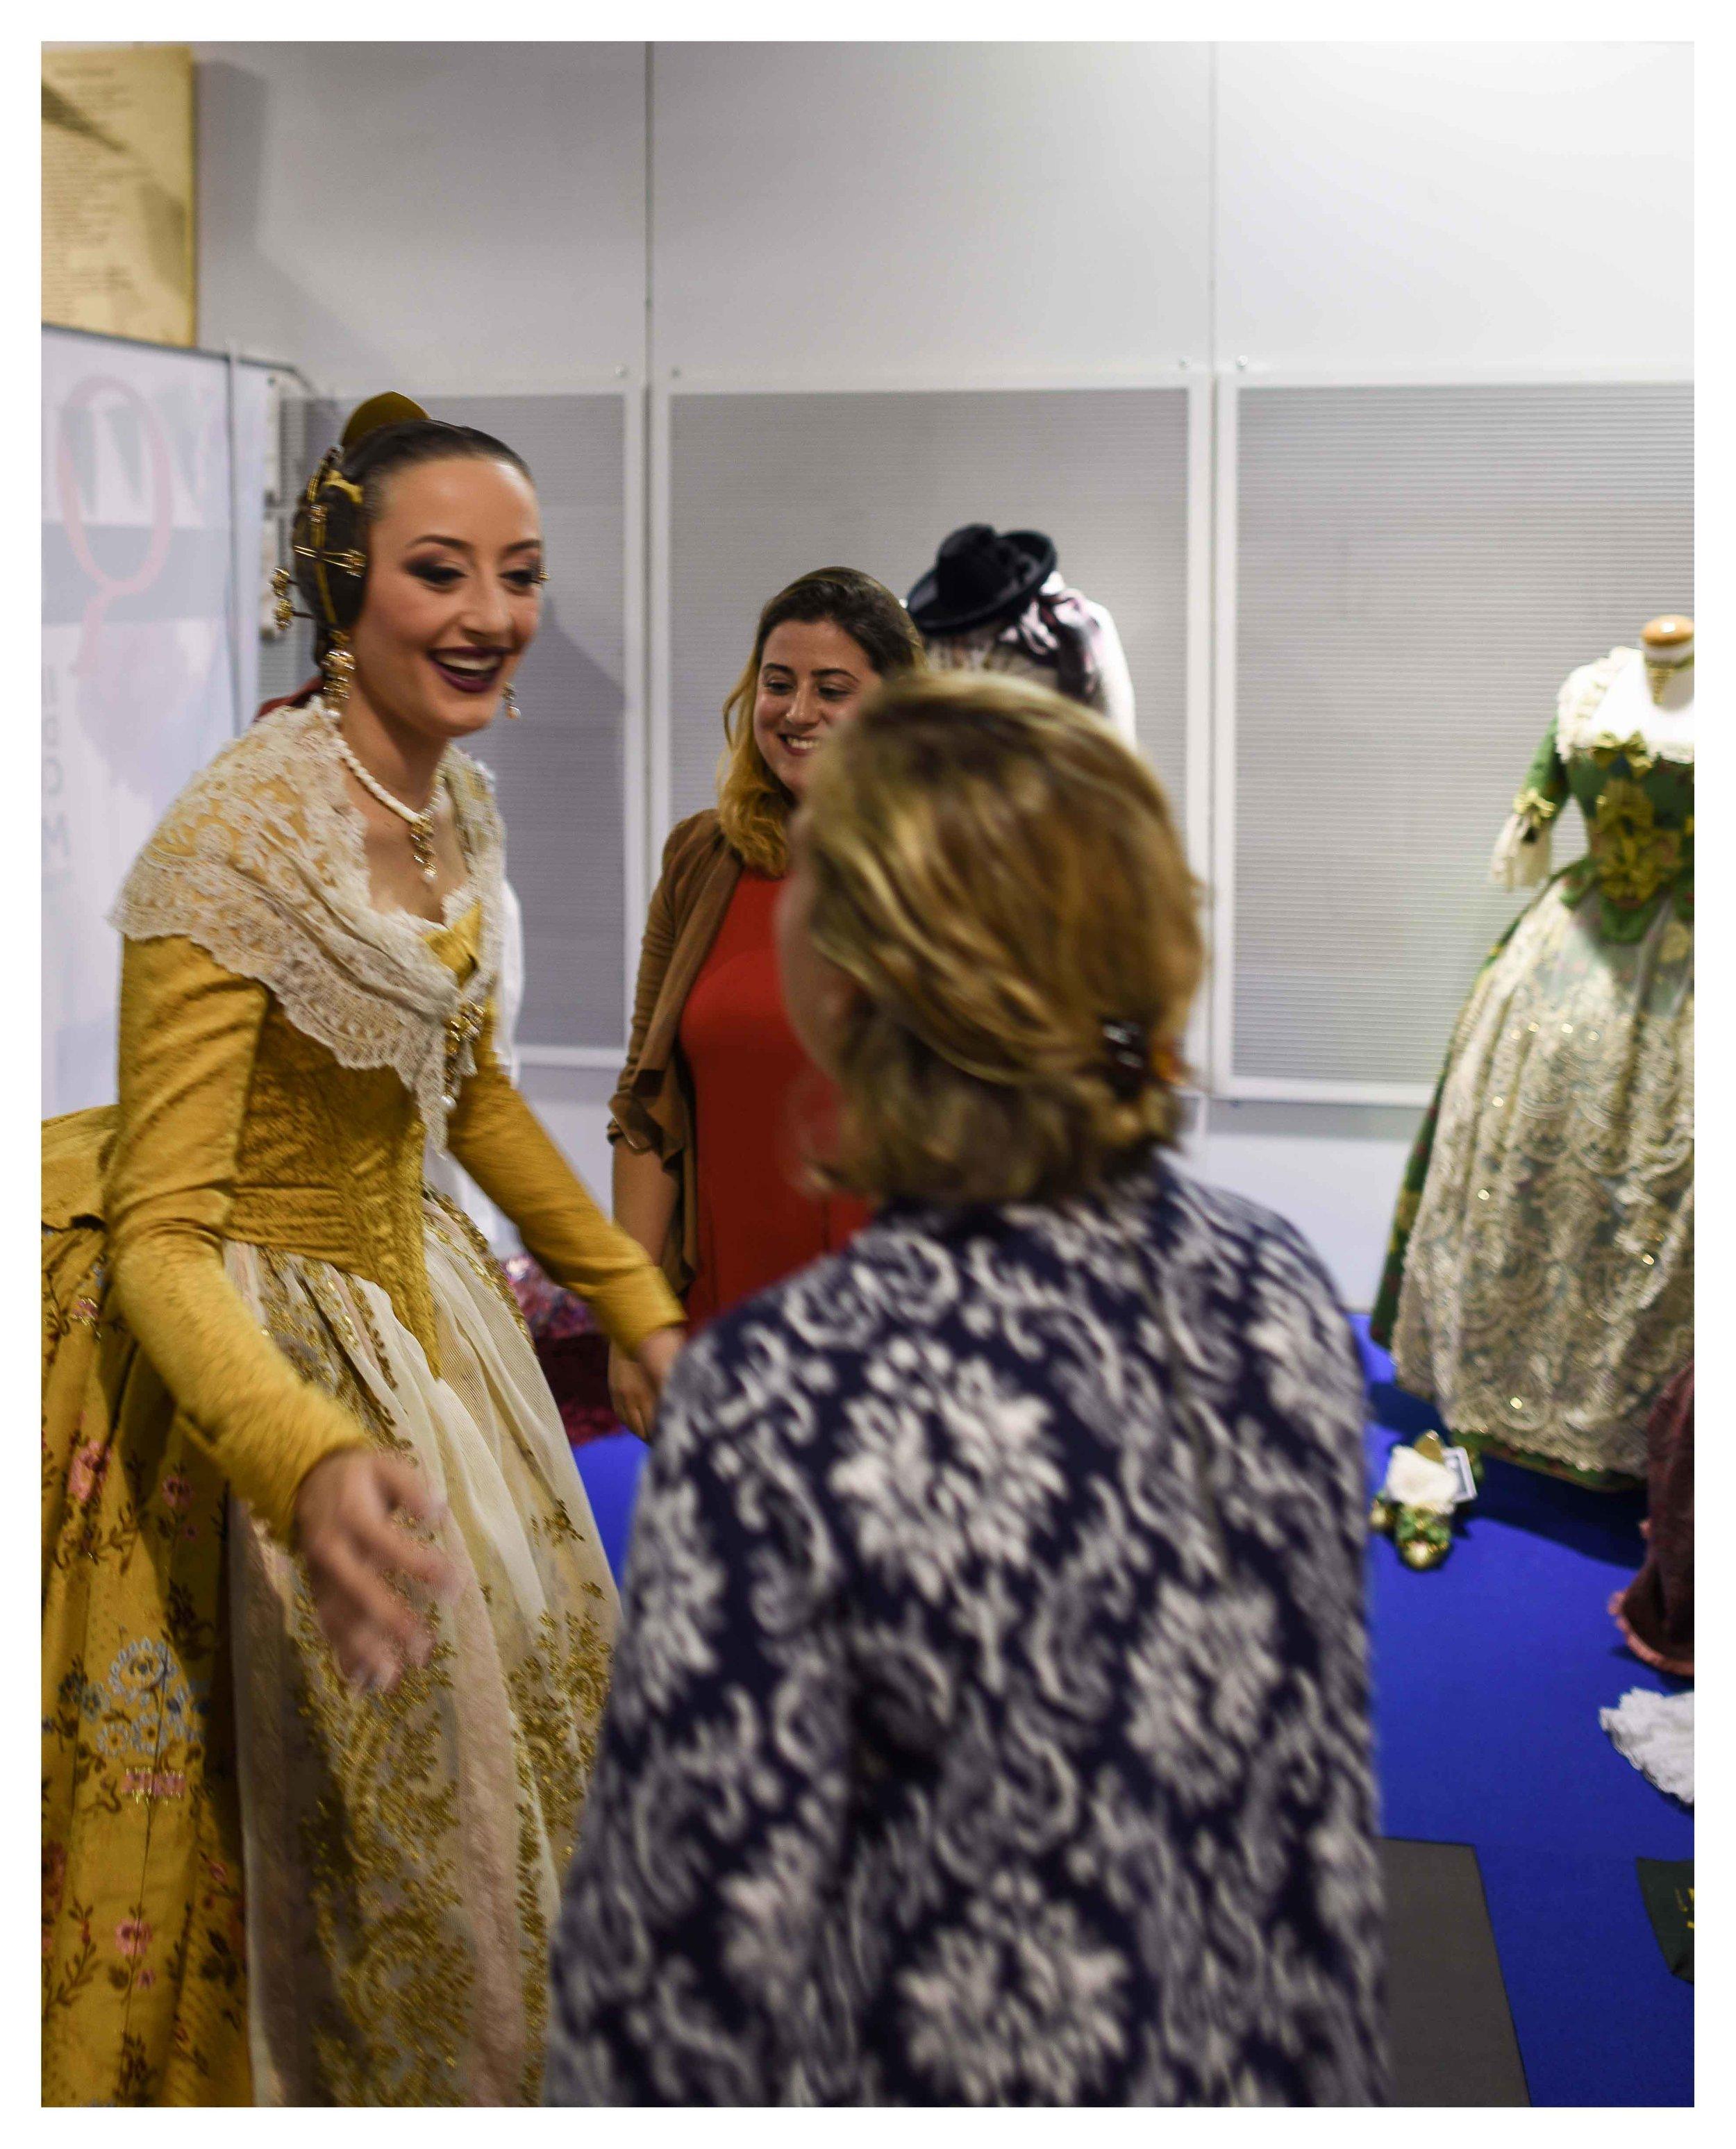 En la imagen, la Fallera Mayor de Valencia 2018, señorita María del Rocío Gil Uncio, saludando a las indumentaristas María y Fátima Aguas de Aguas de Marzo indumentaria.